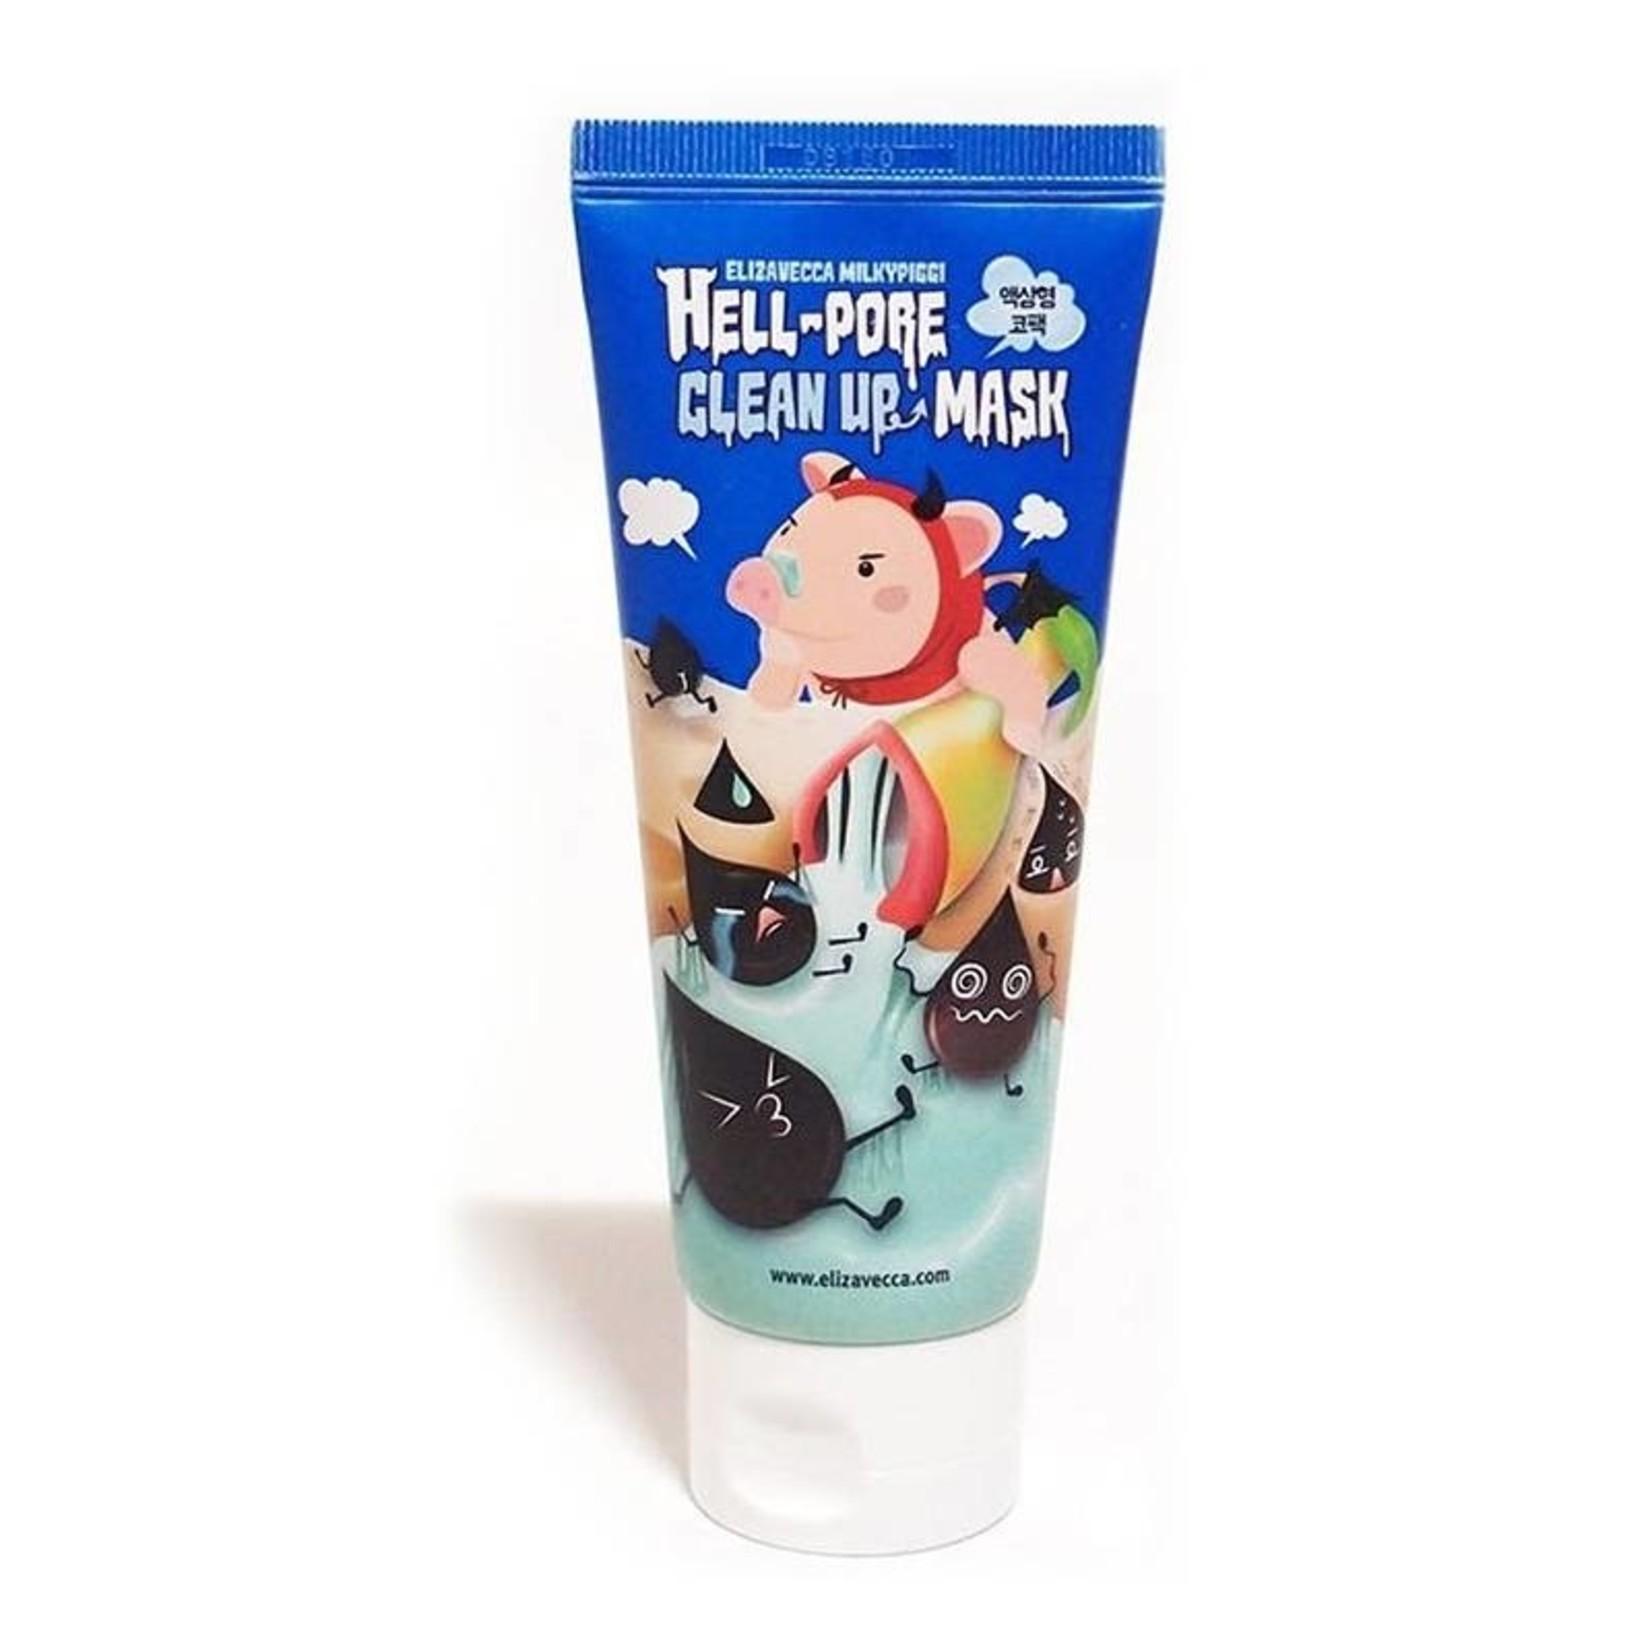 Elizavecca Milky Piggy Hell Pore Clean Up Mask